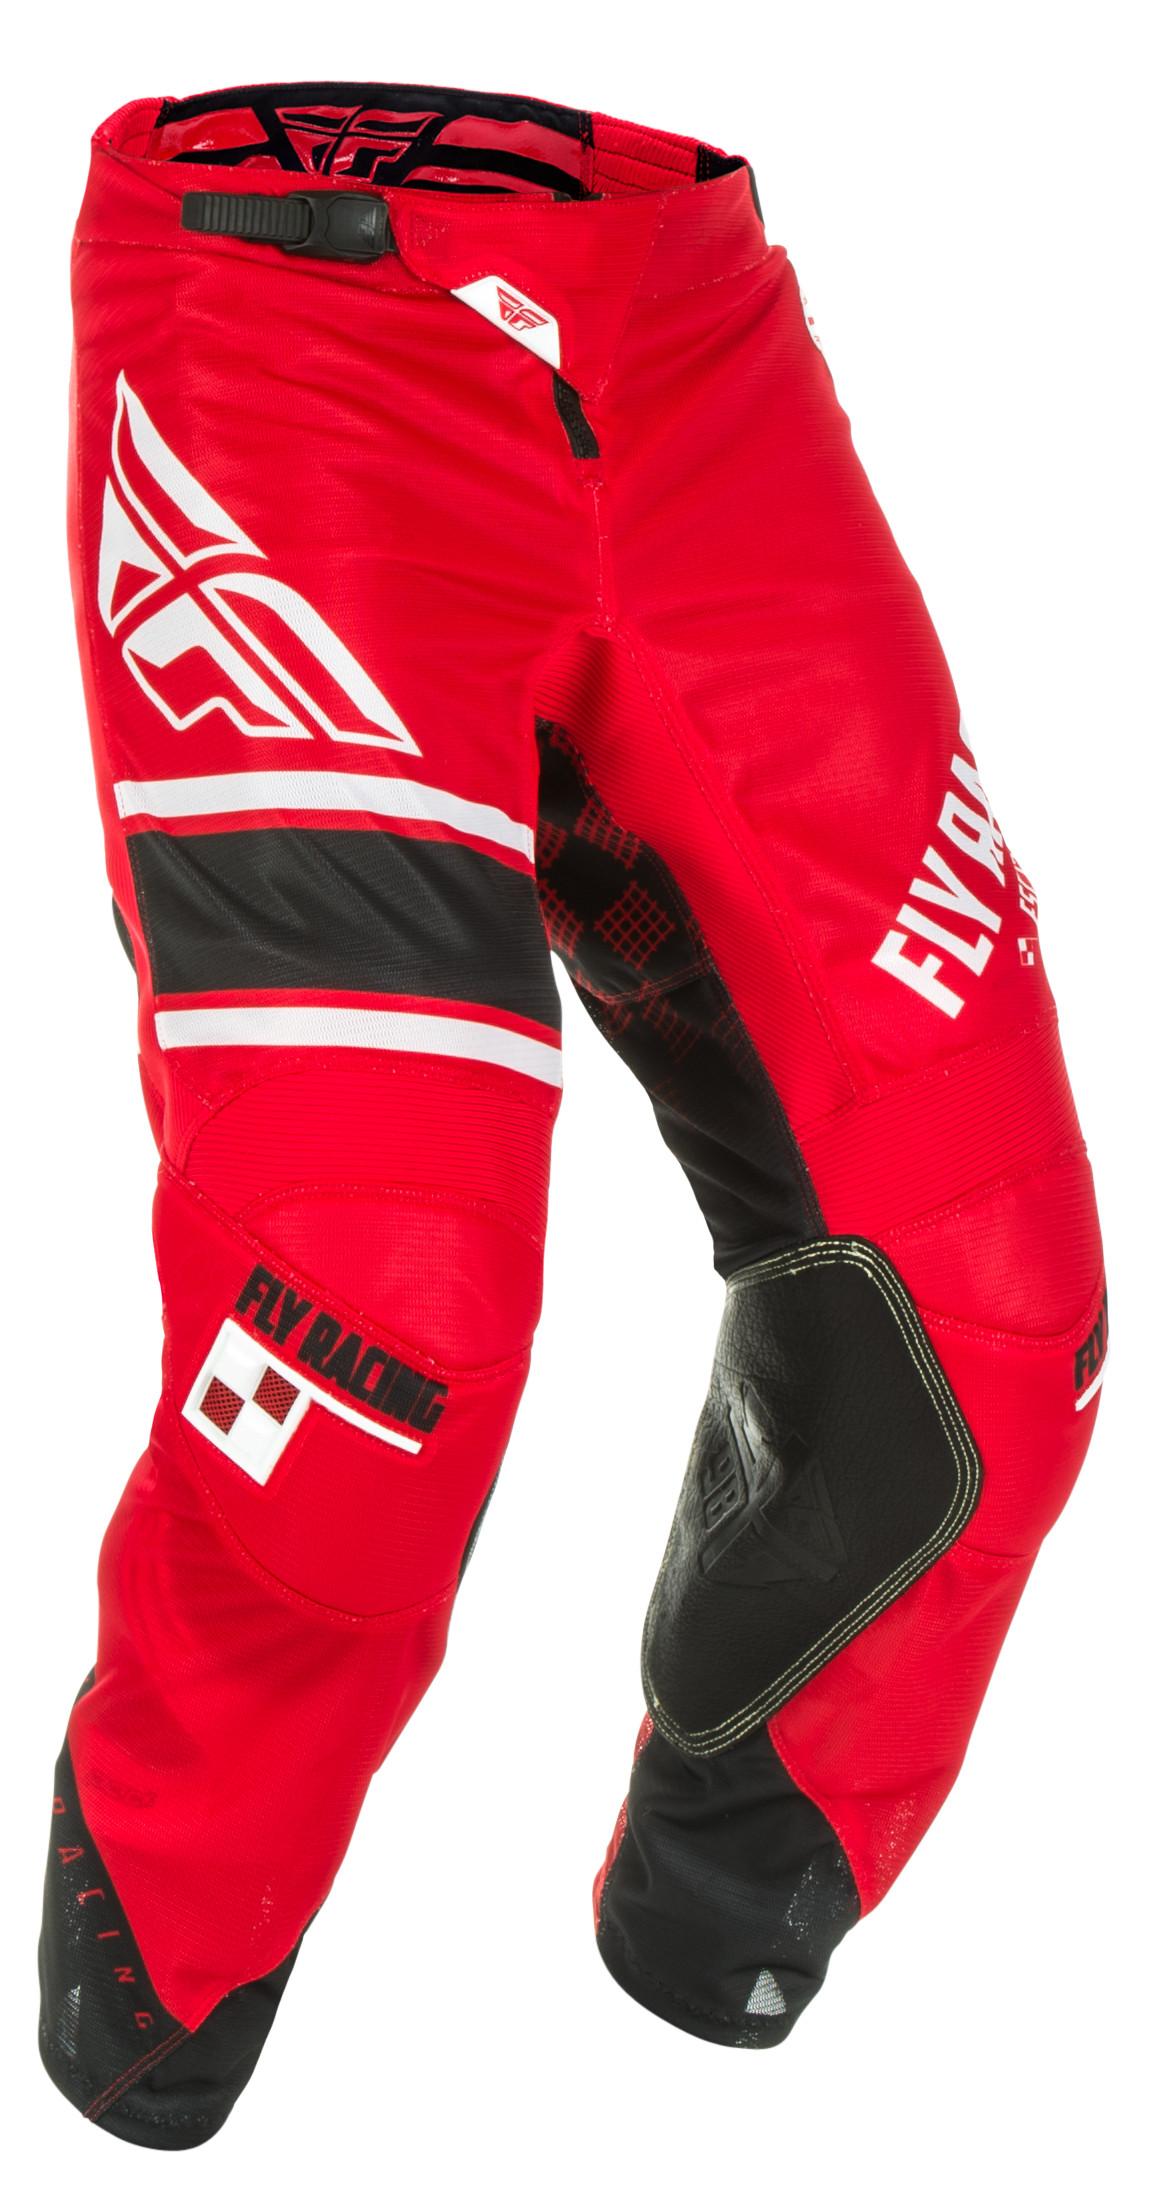 FLY RACING KINETIC PANTS BLACK WHITE MX MOTORCROSS DIRT BIKE OFF ROAD ATV UTV